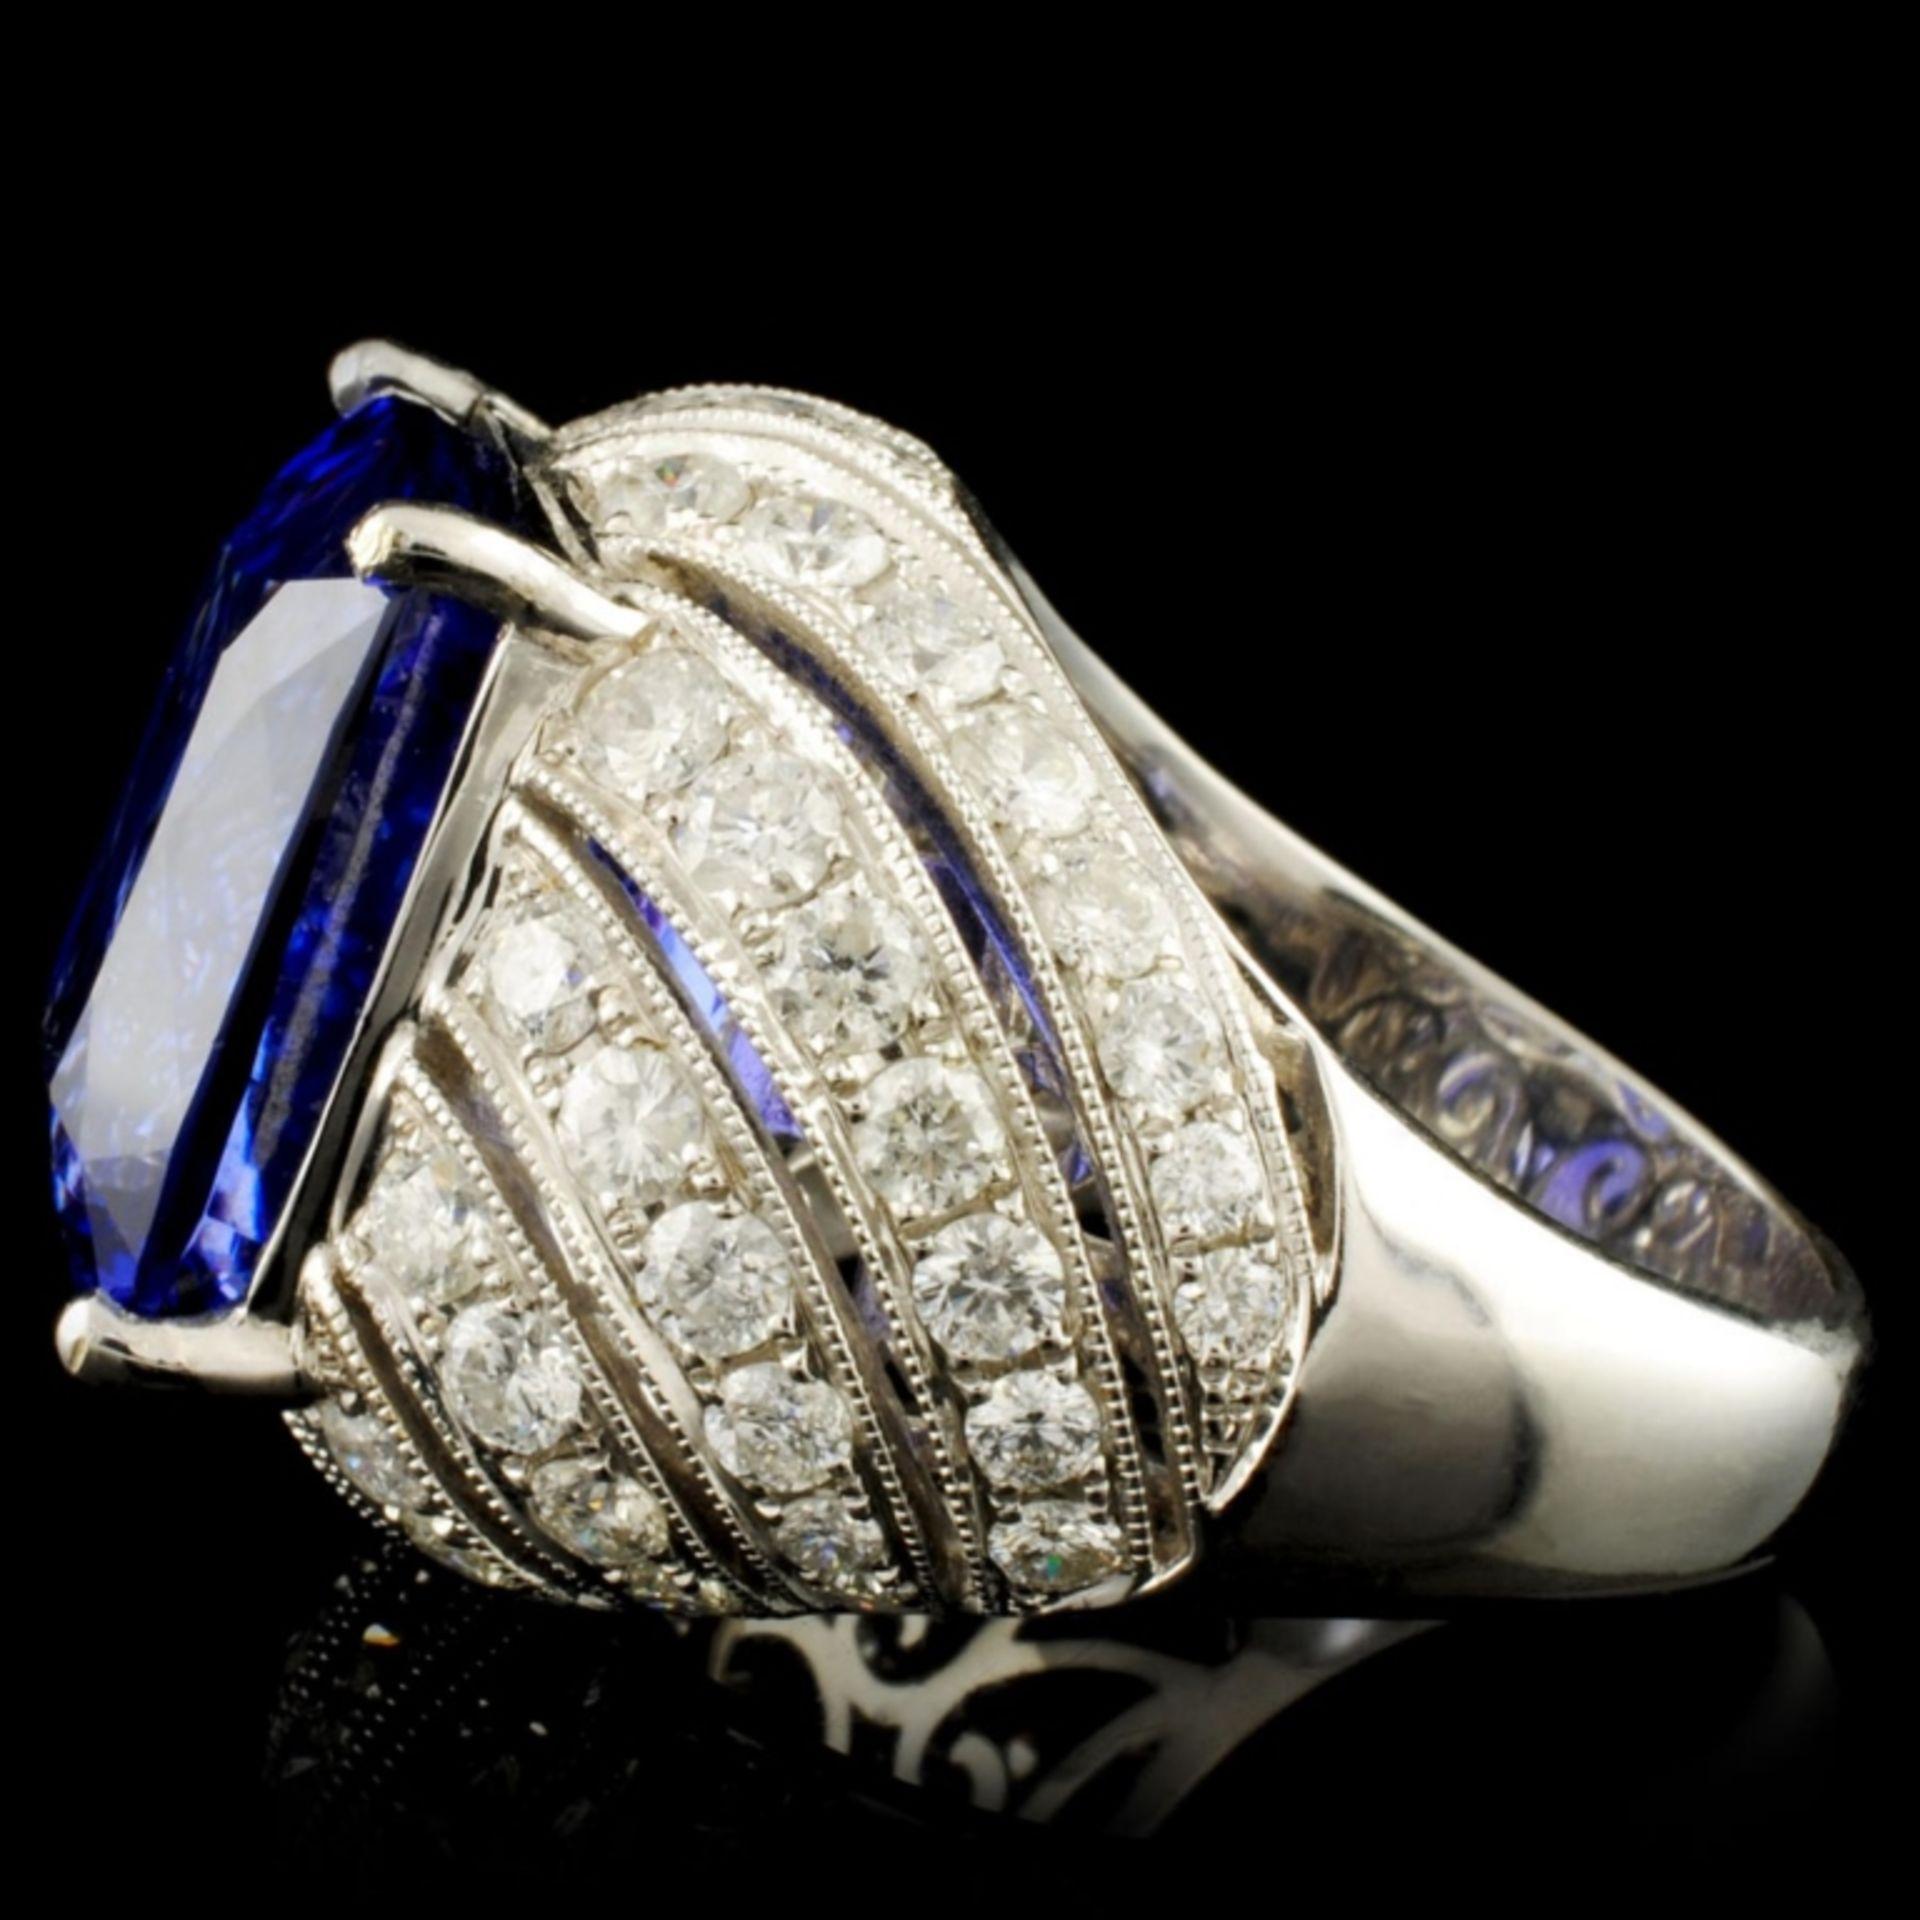 18K Gold 16.72ct Tanzanite & 2.78ctw Diamond Ring - Image 4 of 6